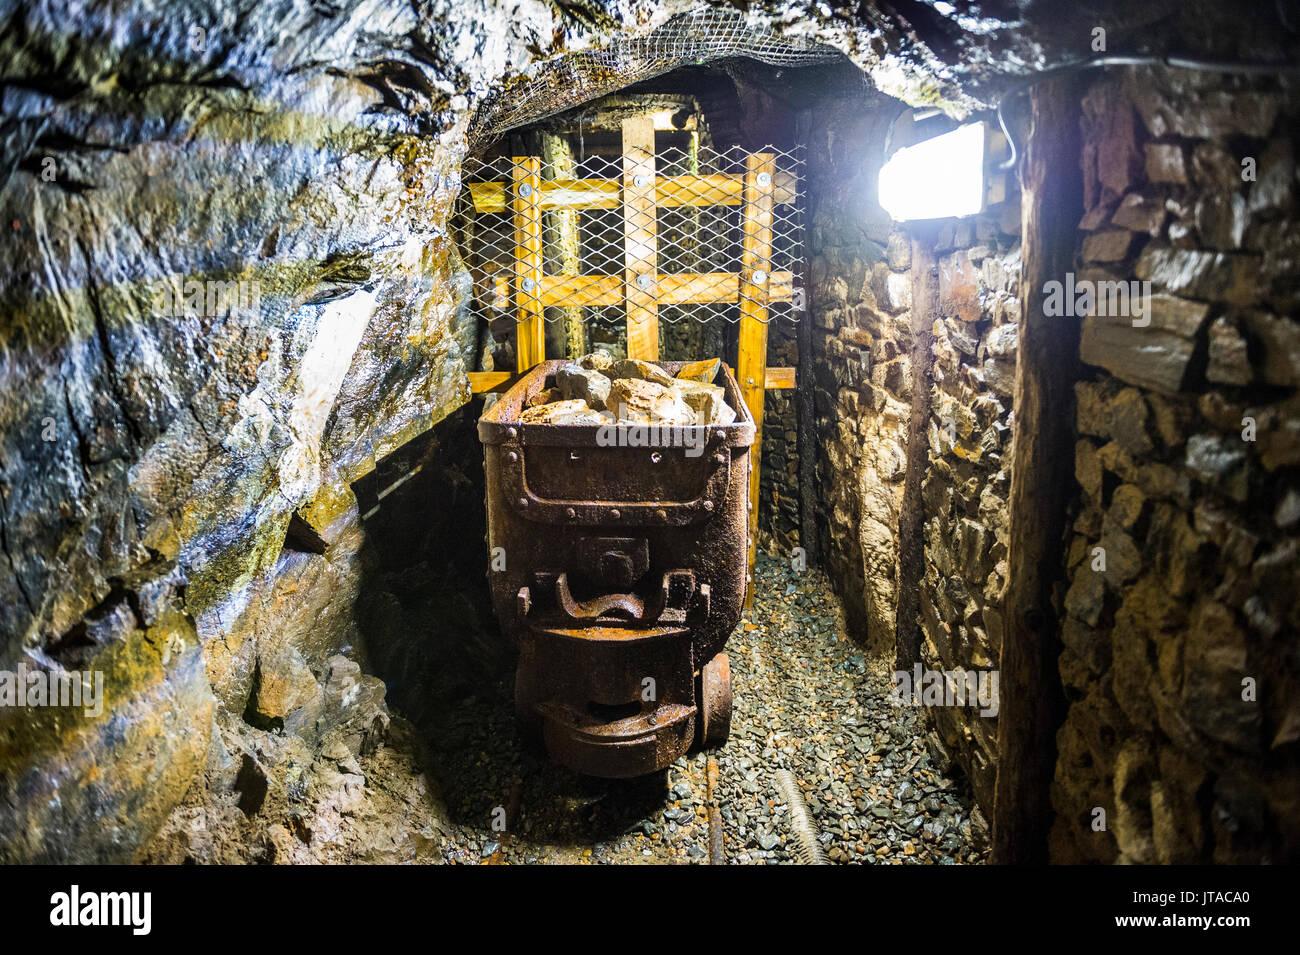 Schacht hinter dem großen Laxey Wheel, Insel Man, Krone Abhängigkeit von Großbritannien, Europa Stockbild